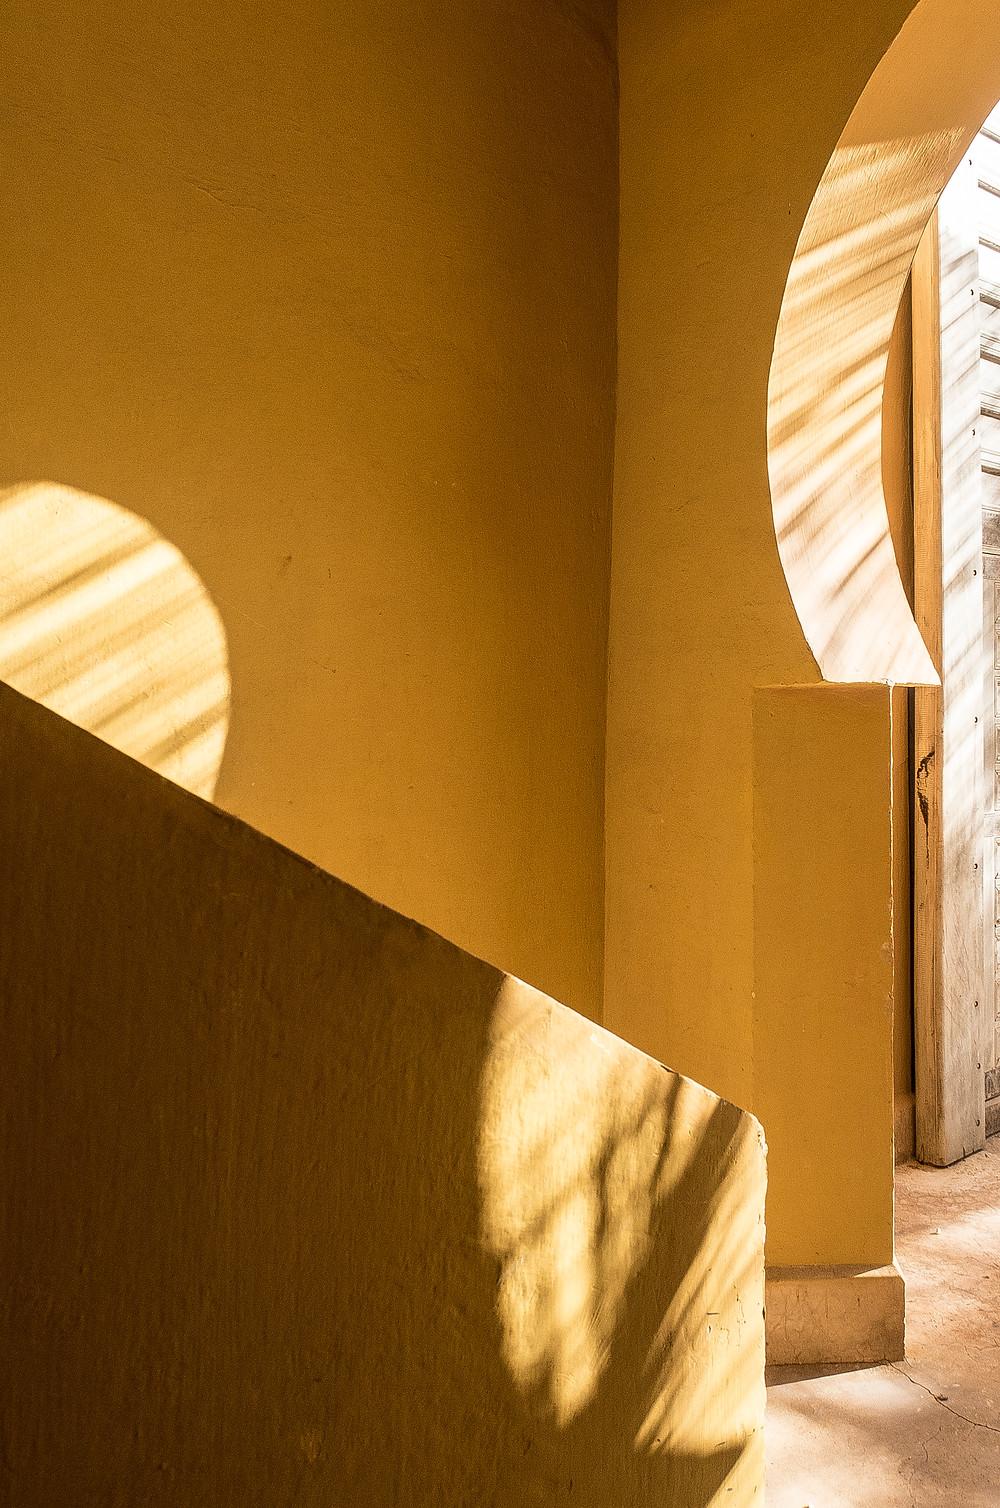 Jnane Tamsna in Marrakech, Morocco, by Studio Joko